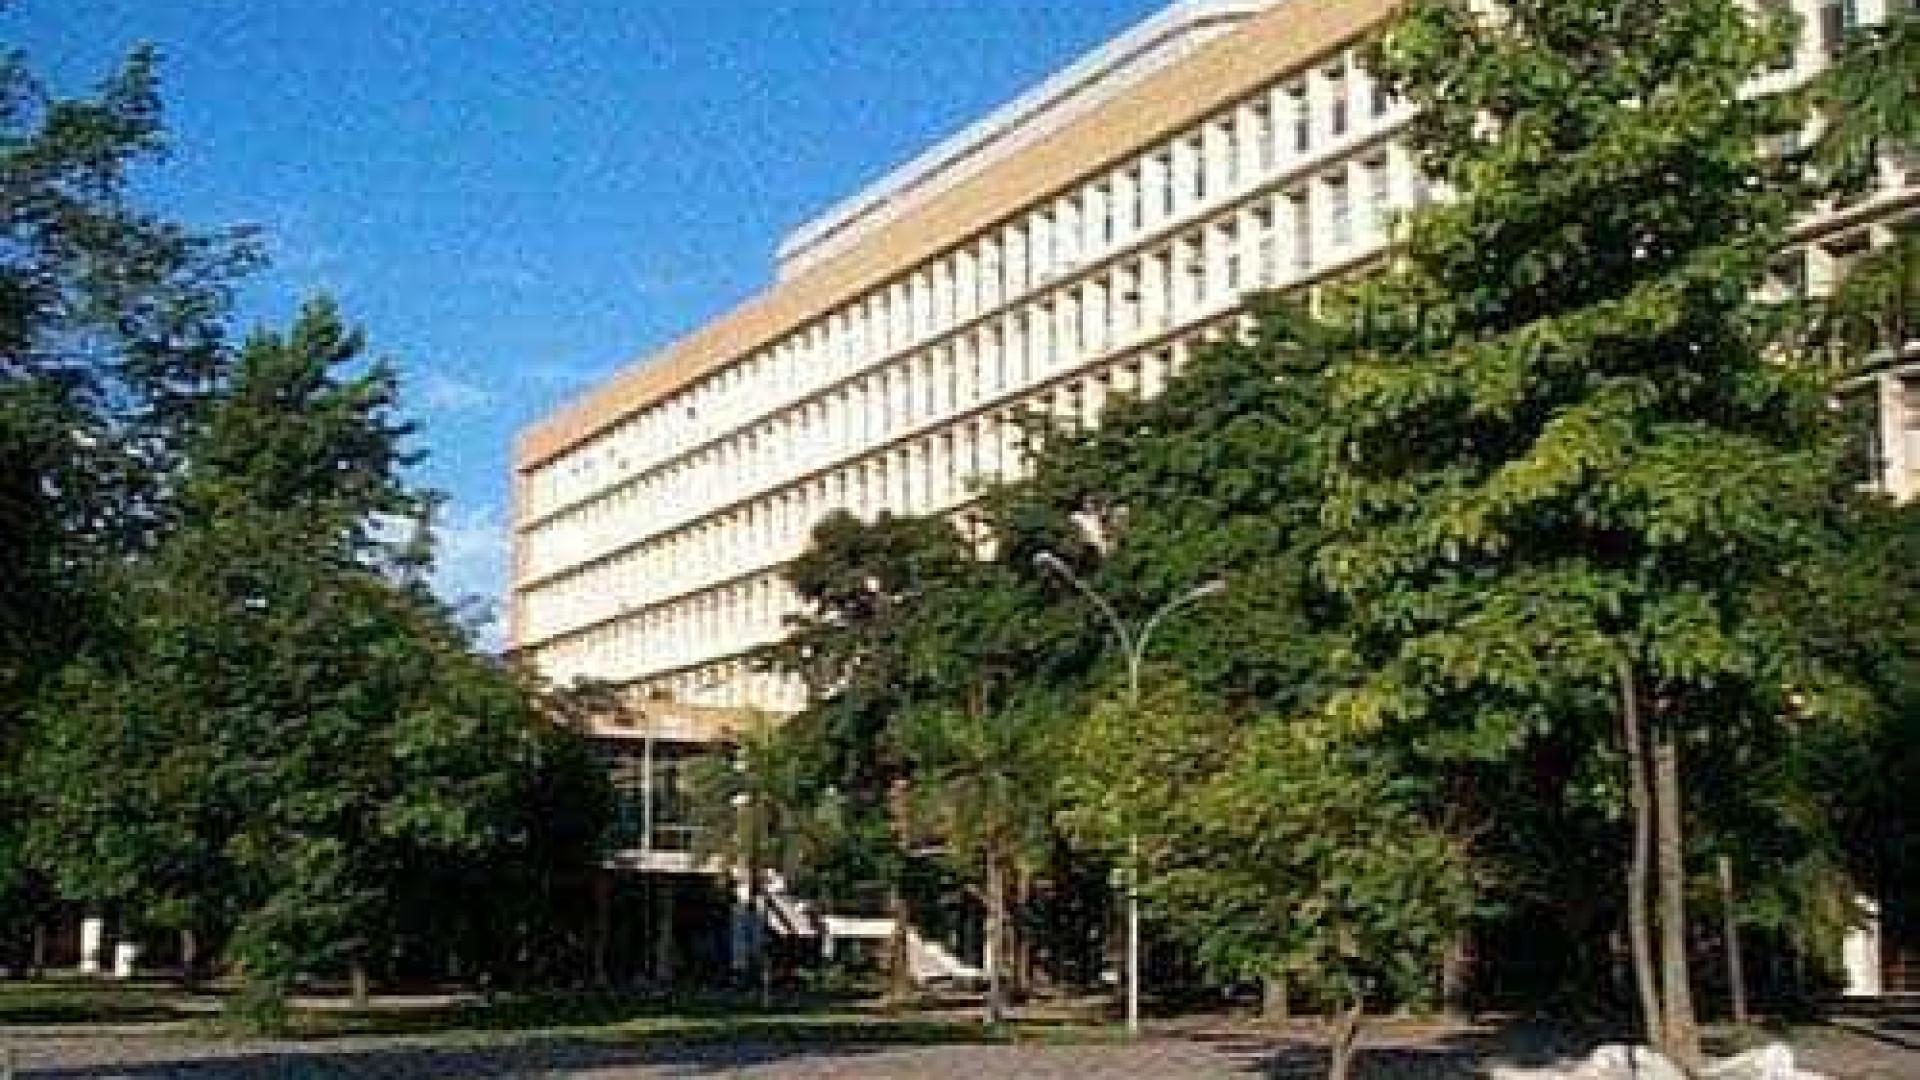 Pagamento de terceirizados da UFRJ deverá ser regularizado